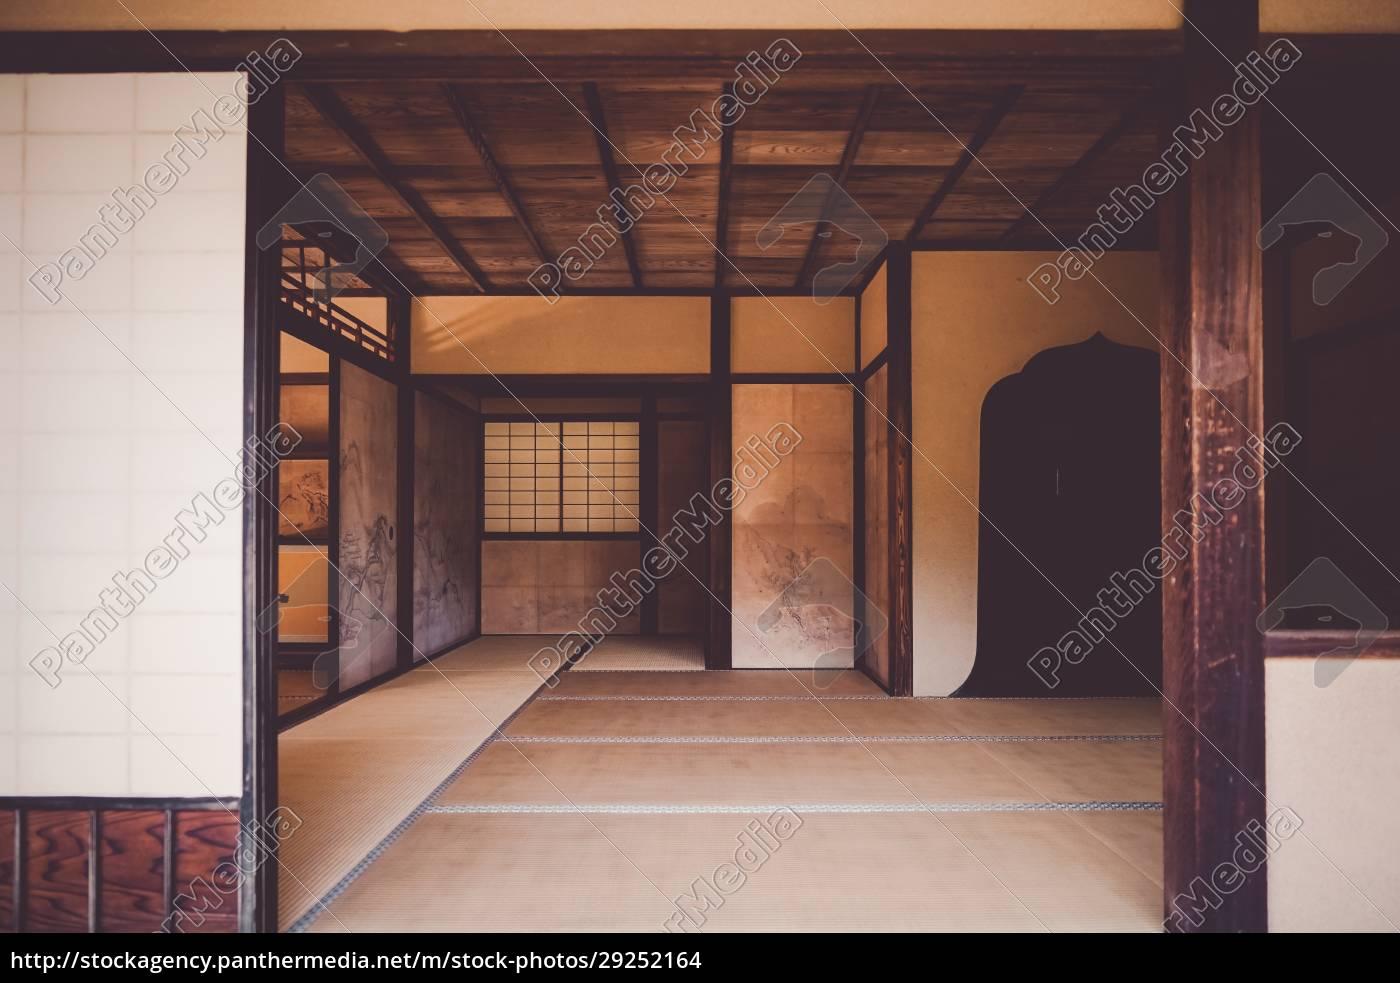 japanese-style, image, of, japanese, architecture - 29252164